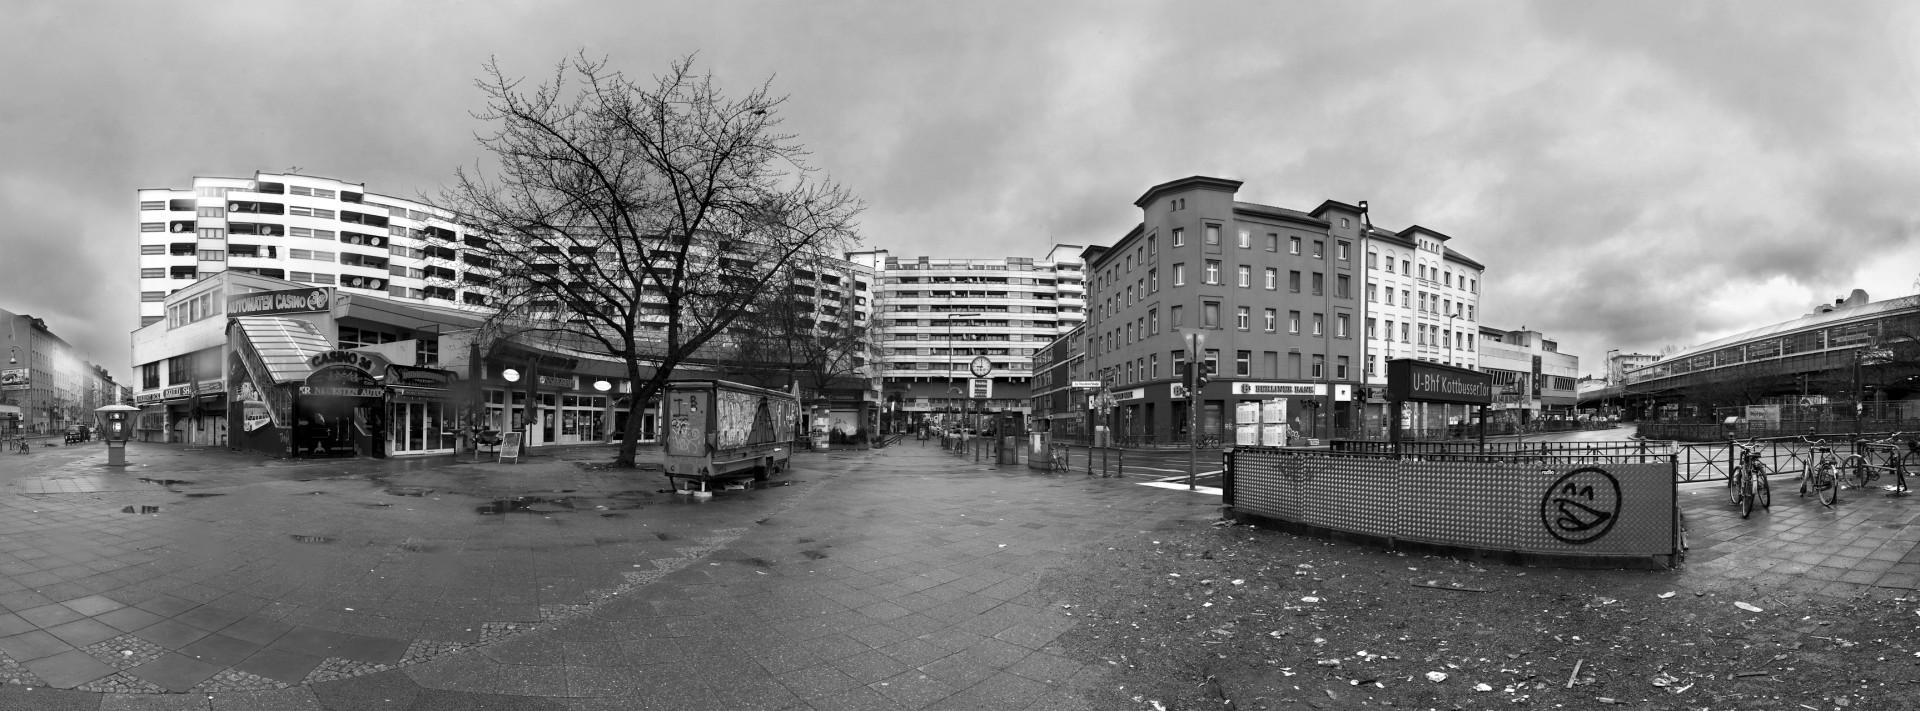 Berlin, Kreuzberg - Philip Gunkel -4